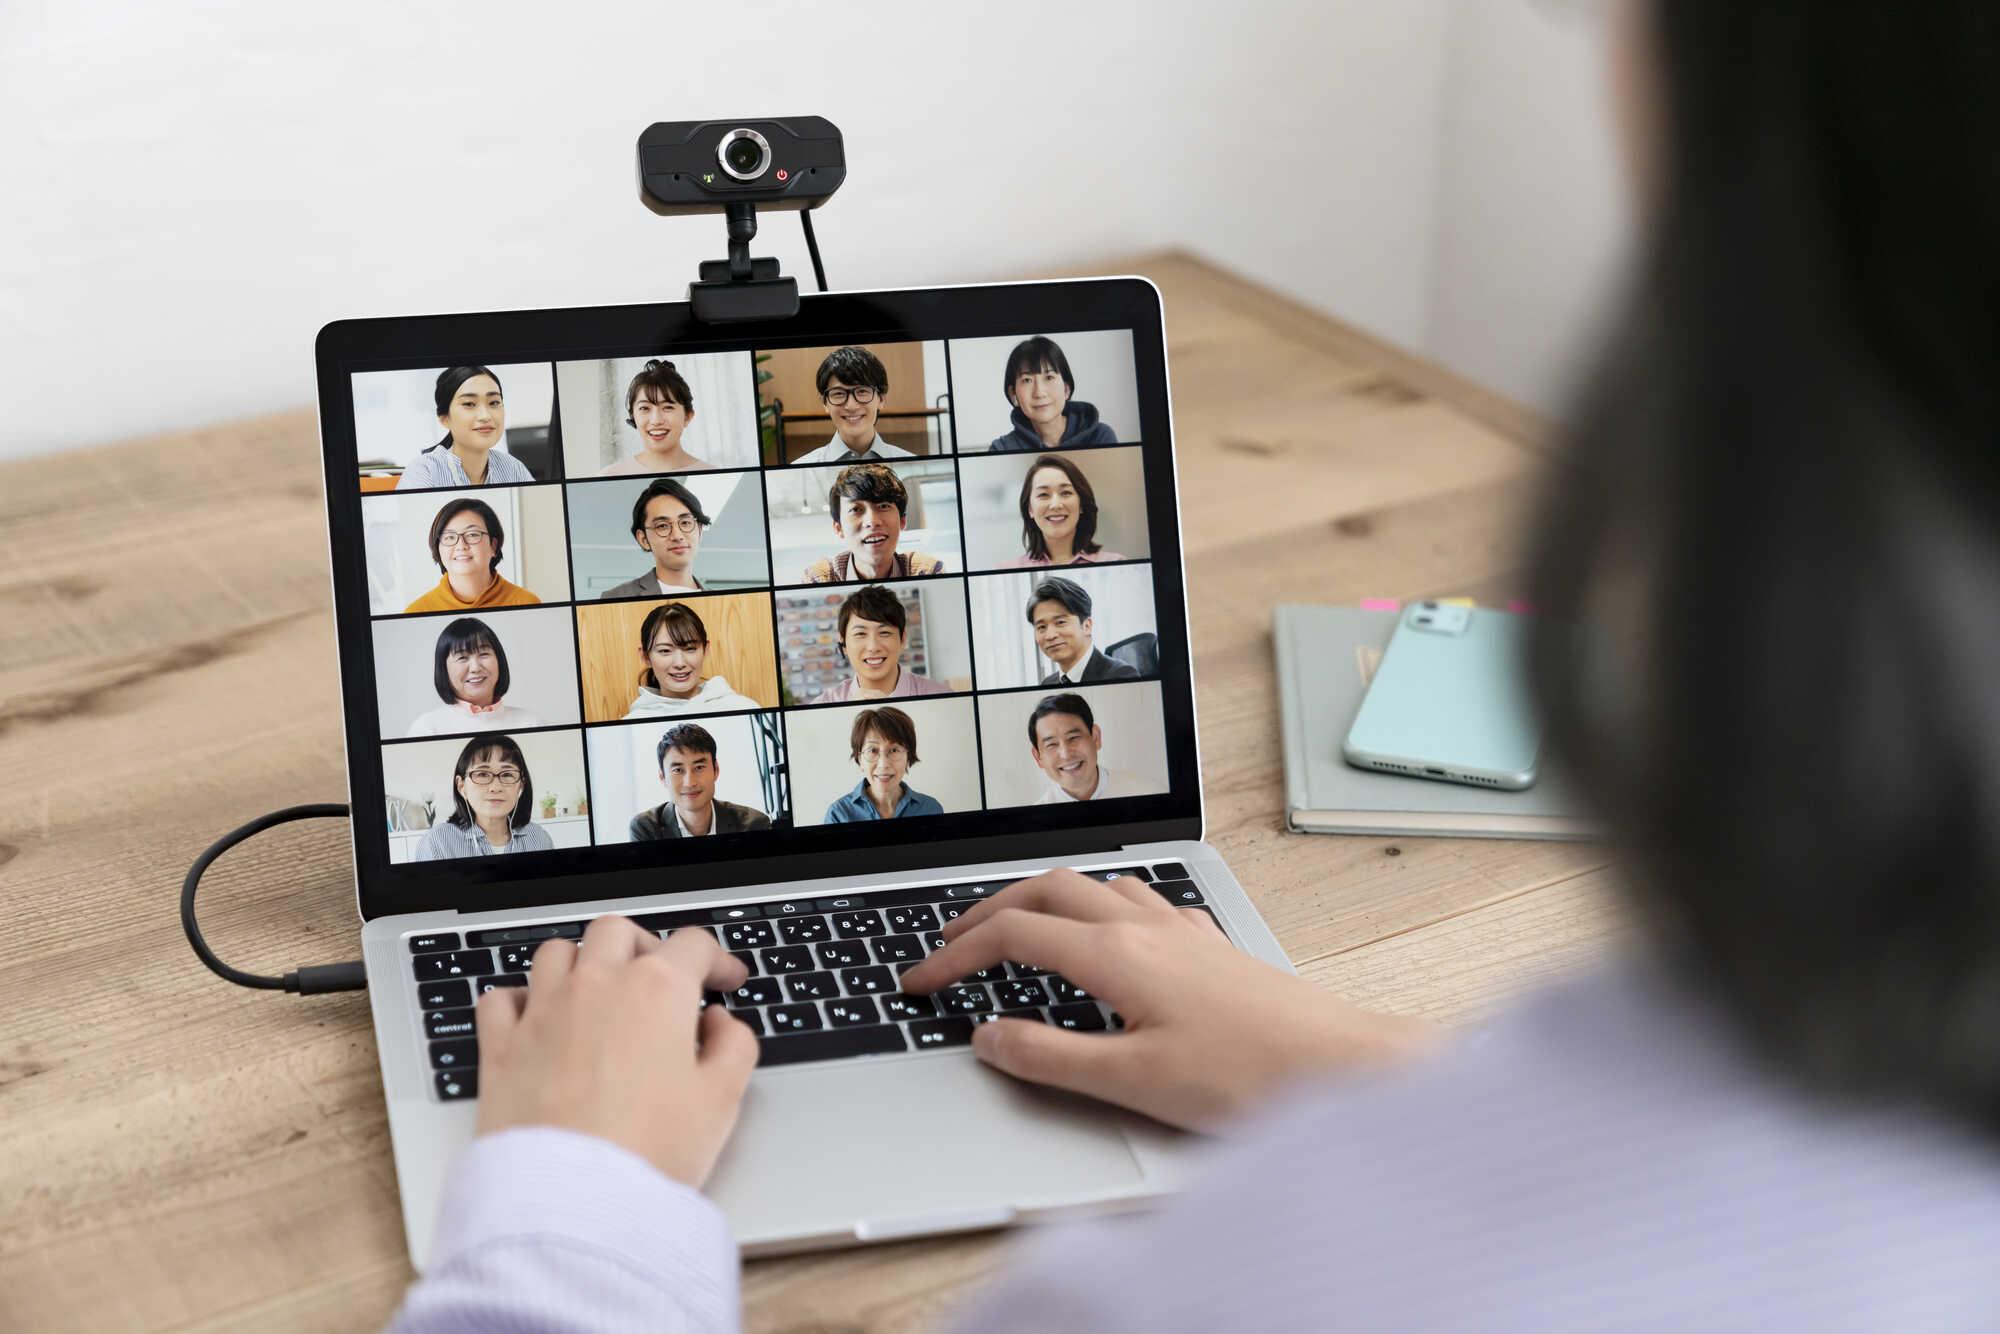 ノートパソコンでWeb会議をしている光景